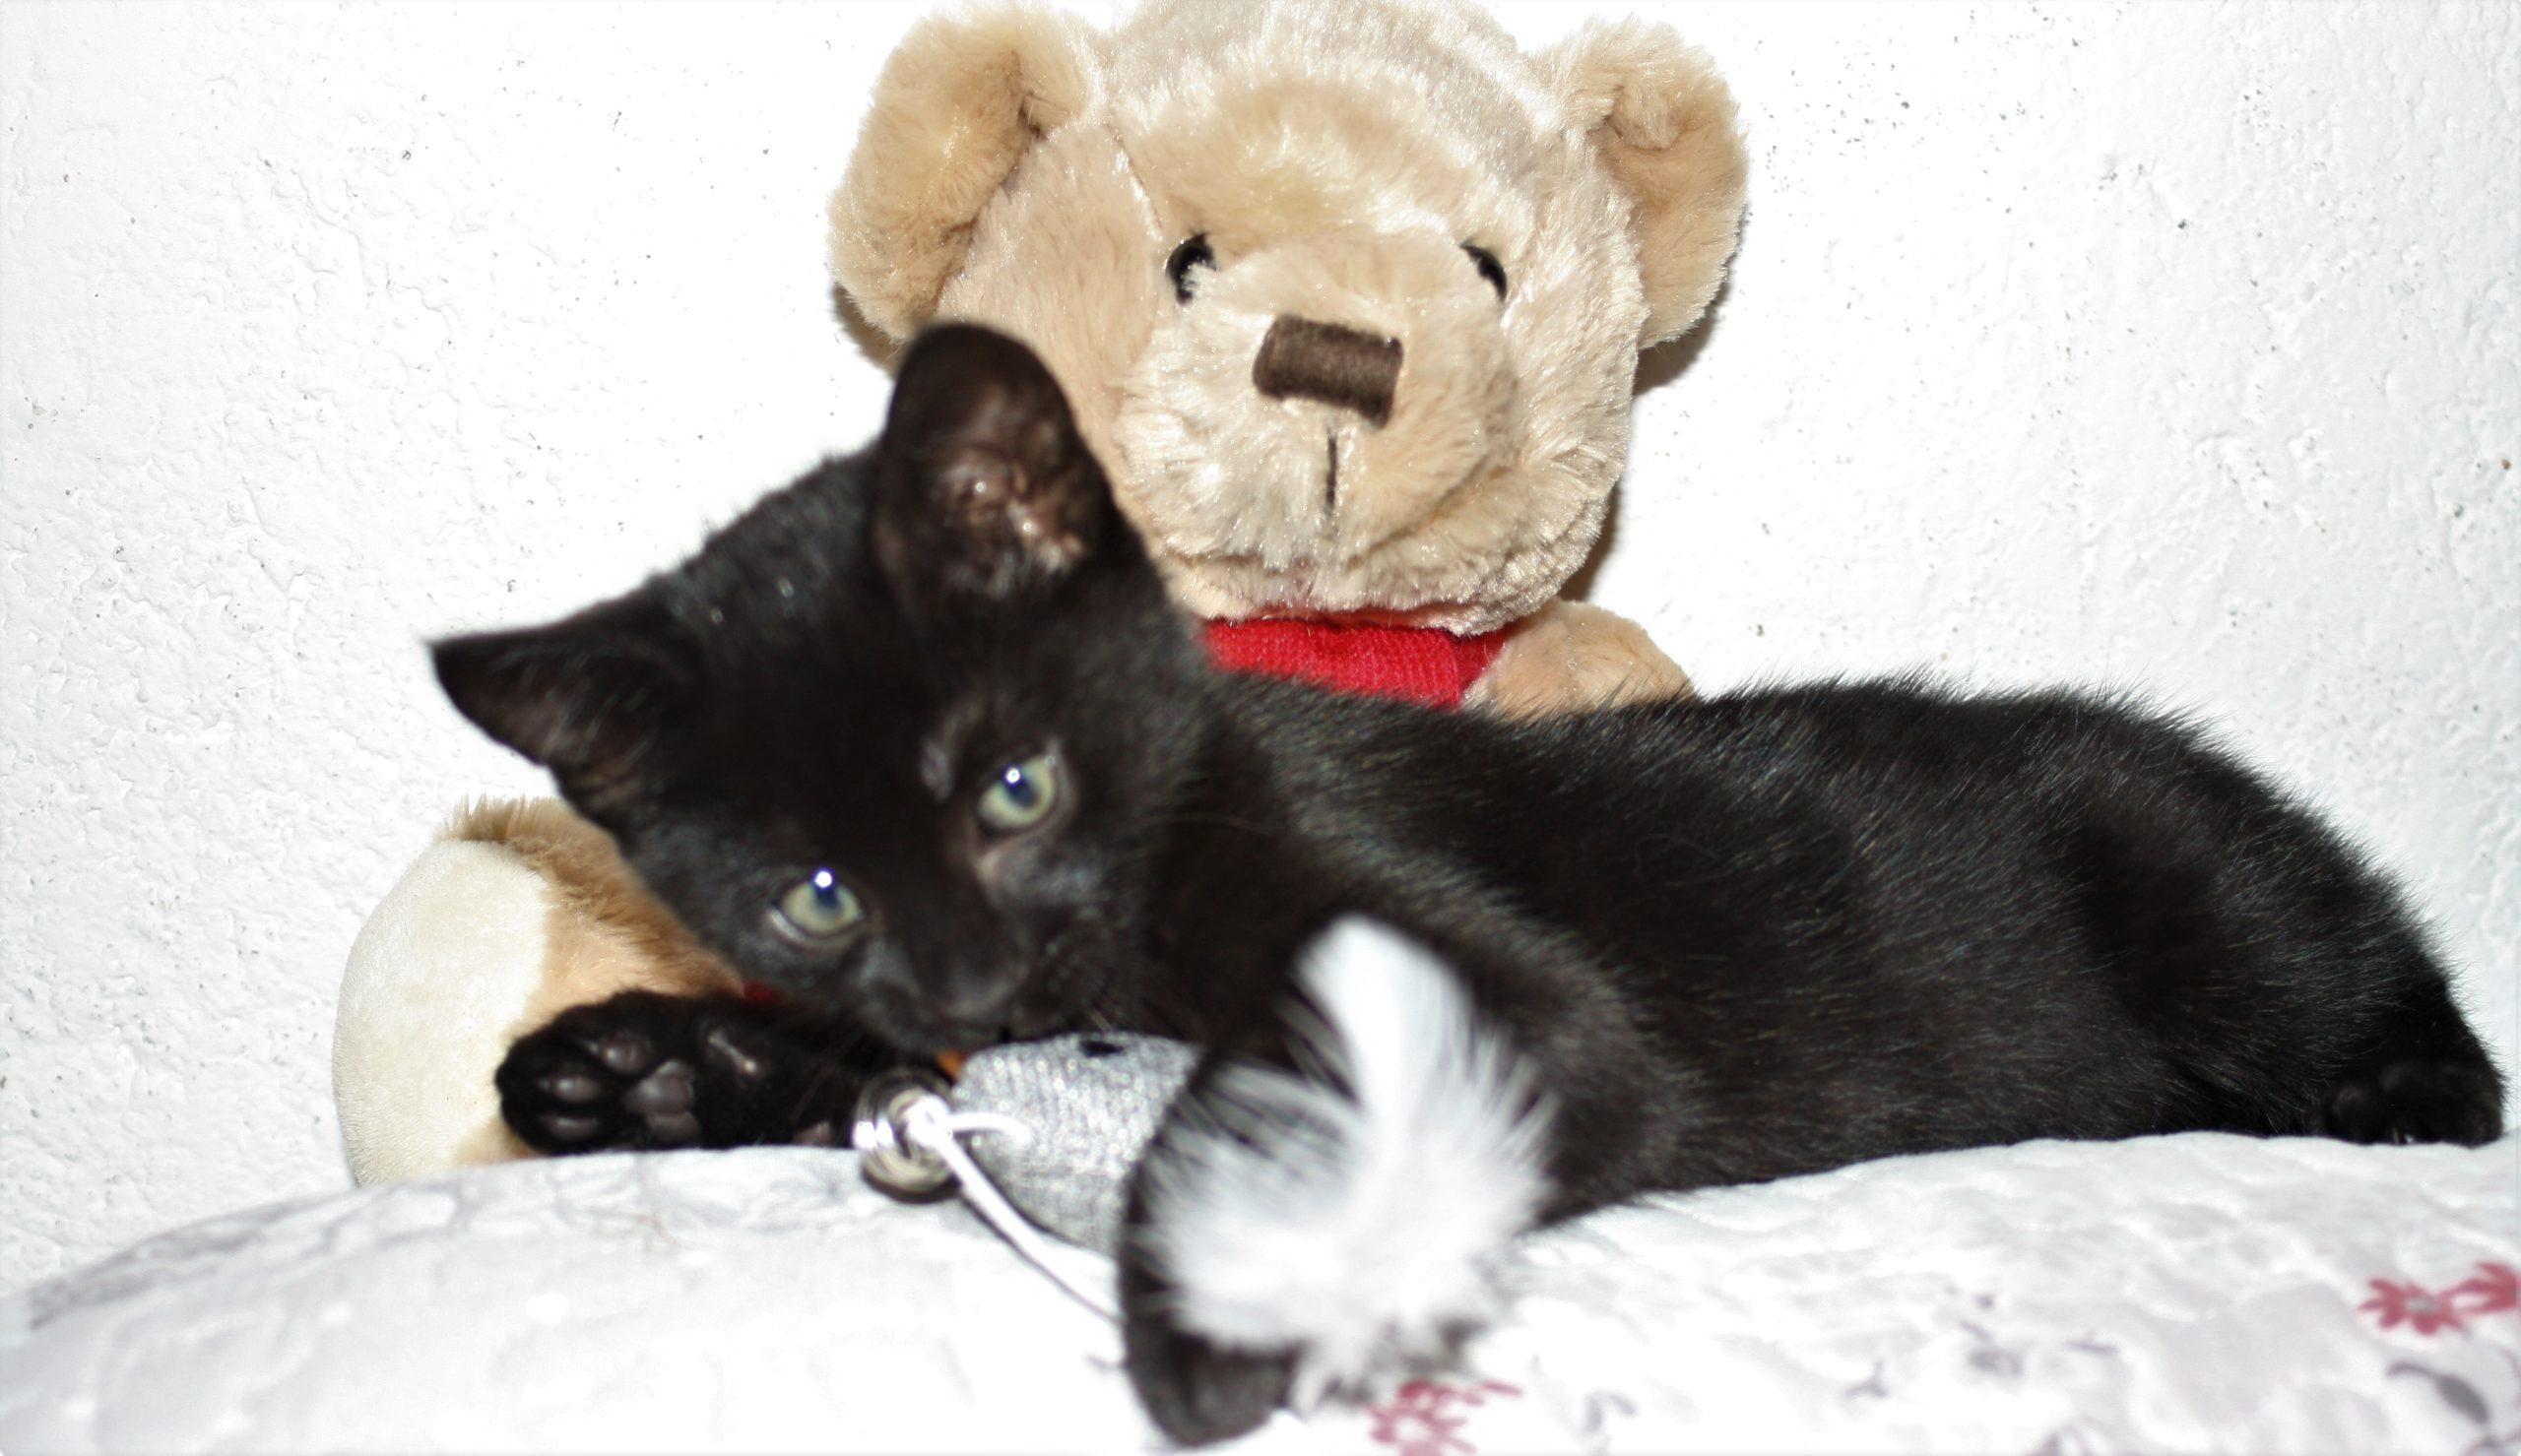 Shadow and Teddy Bear